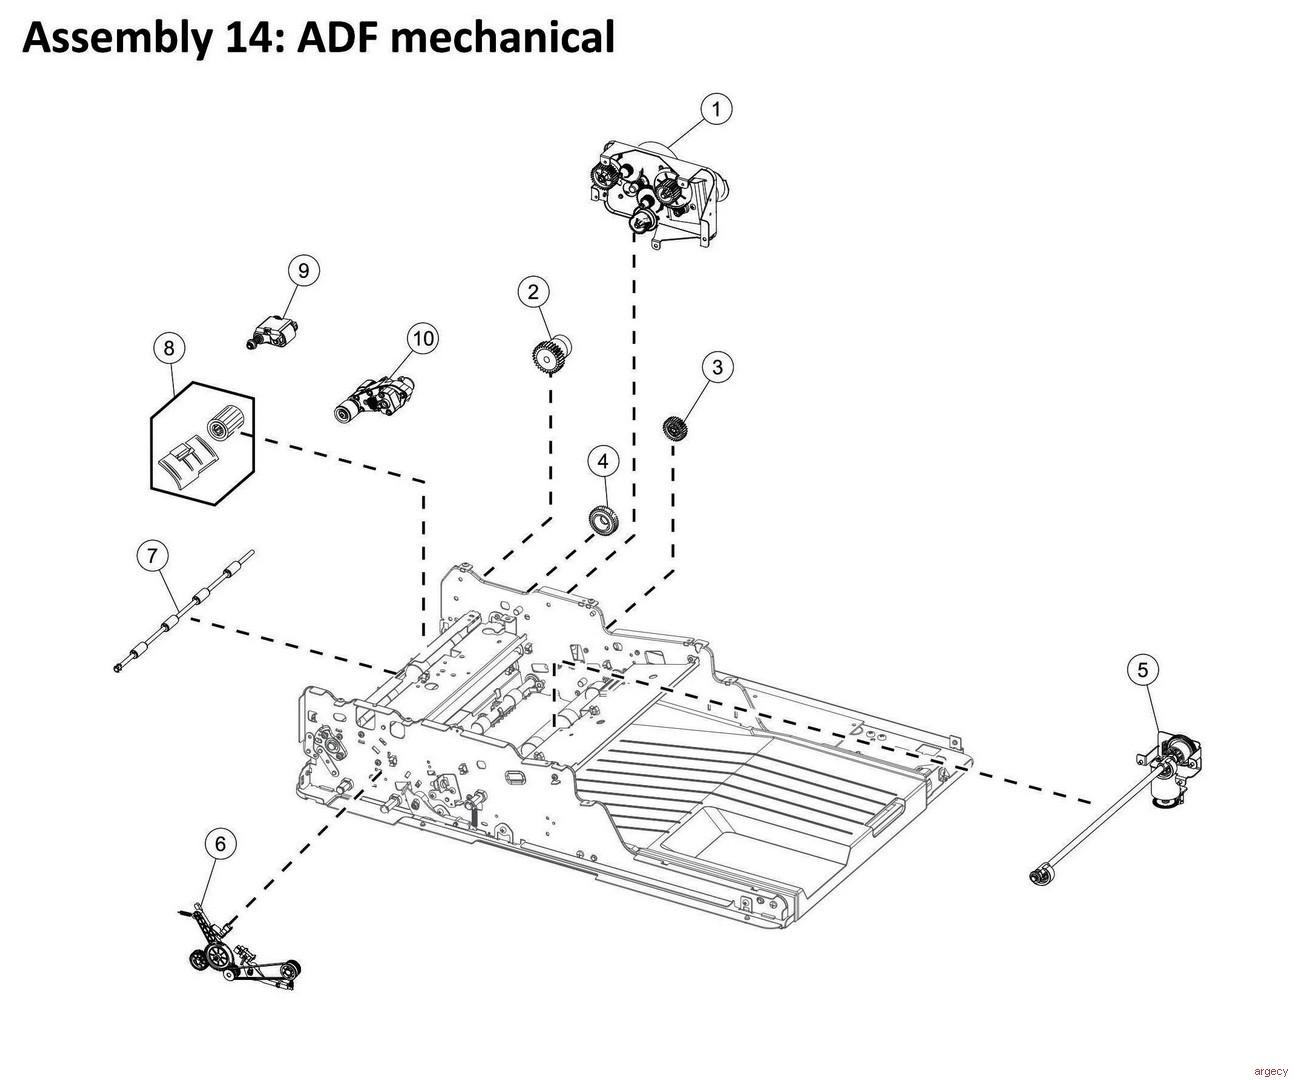 https://www.argecy.com/images/MX81x_MX71x-Parts-709_cr.jpg